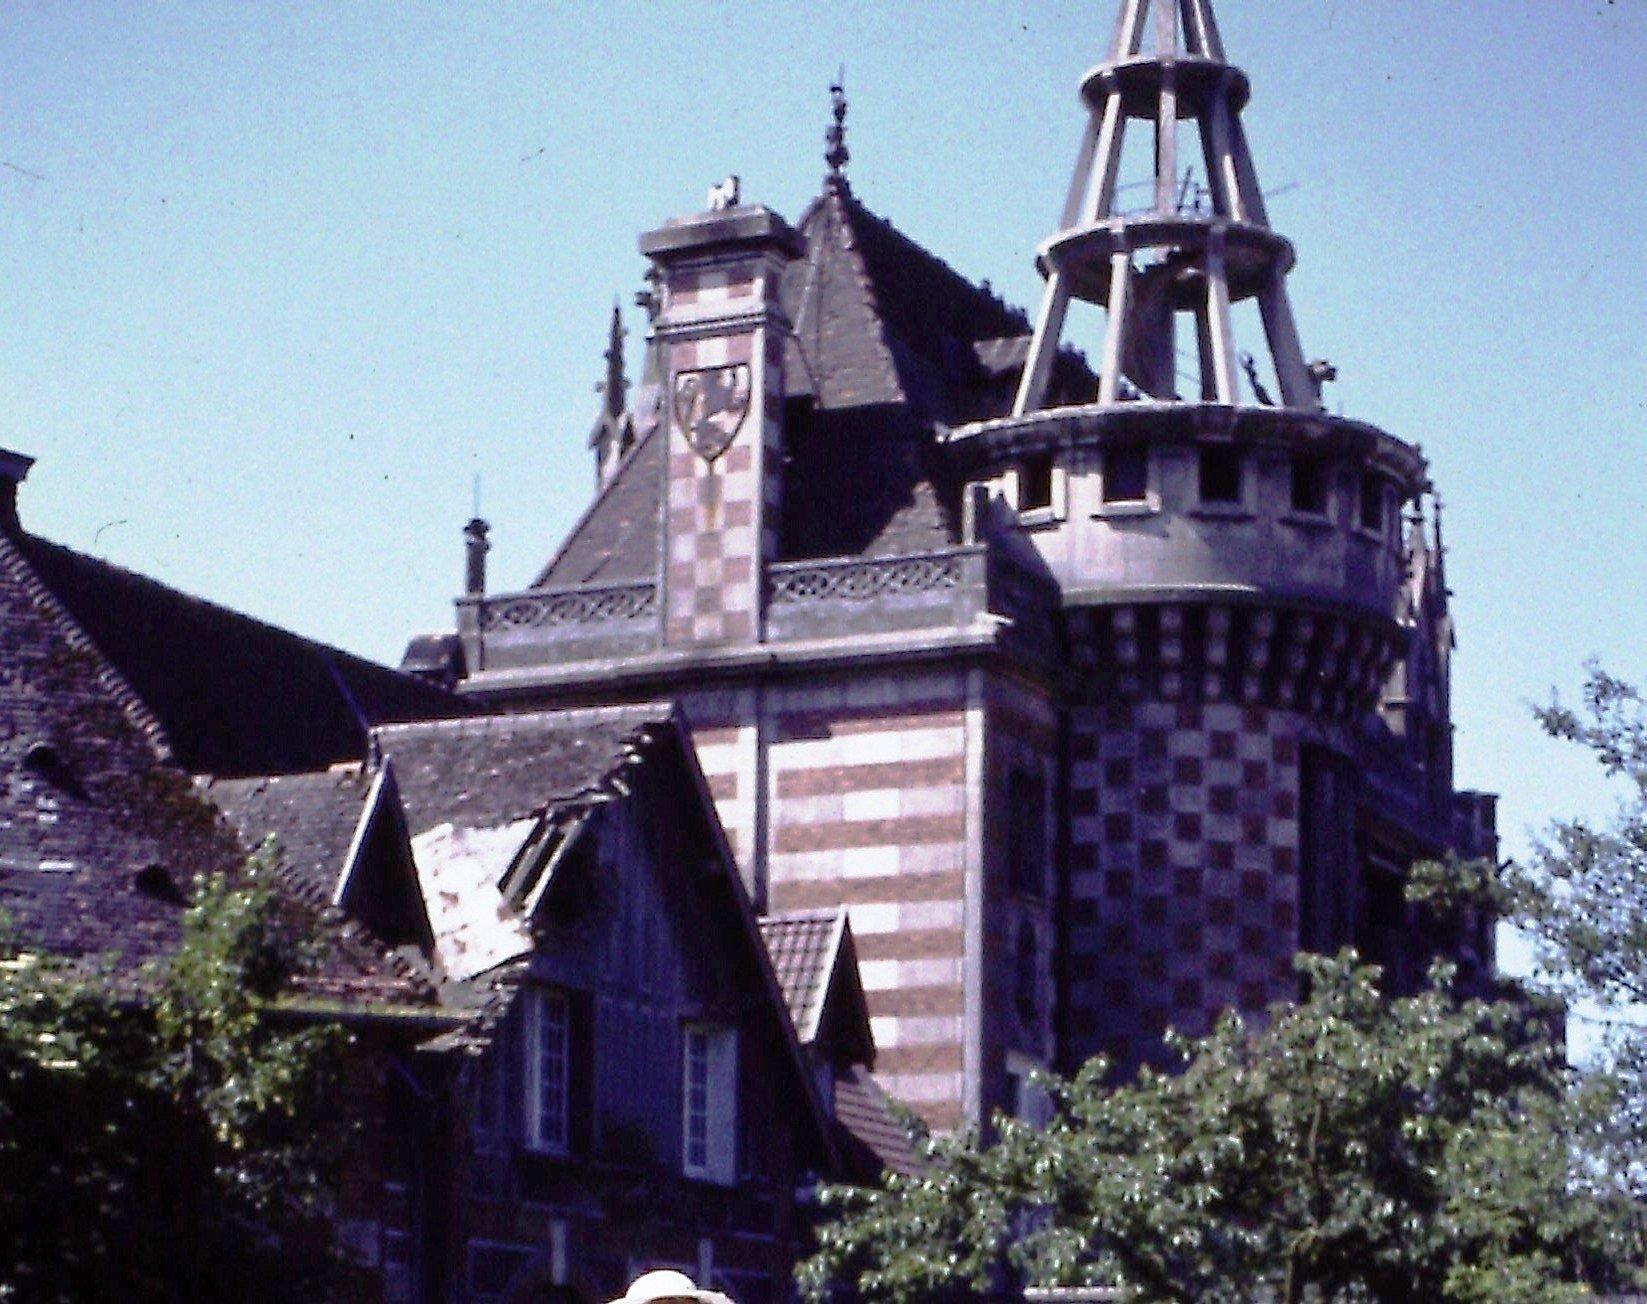 Famars-1981-Chateau-Harpignies manoir dans histoire